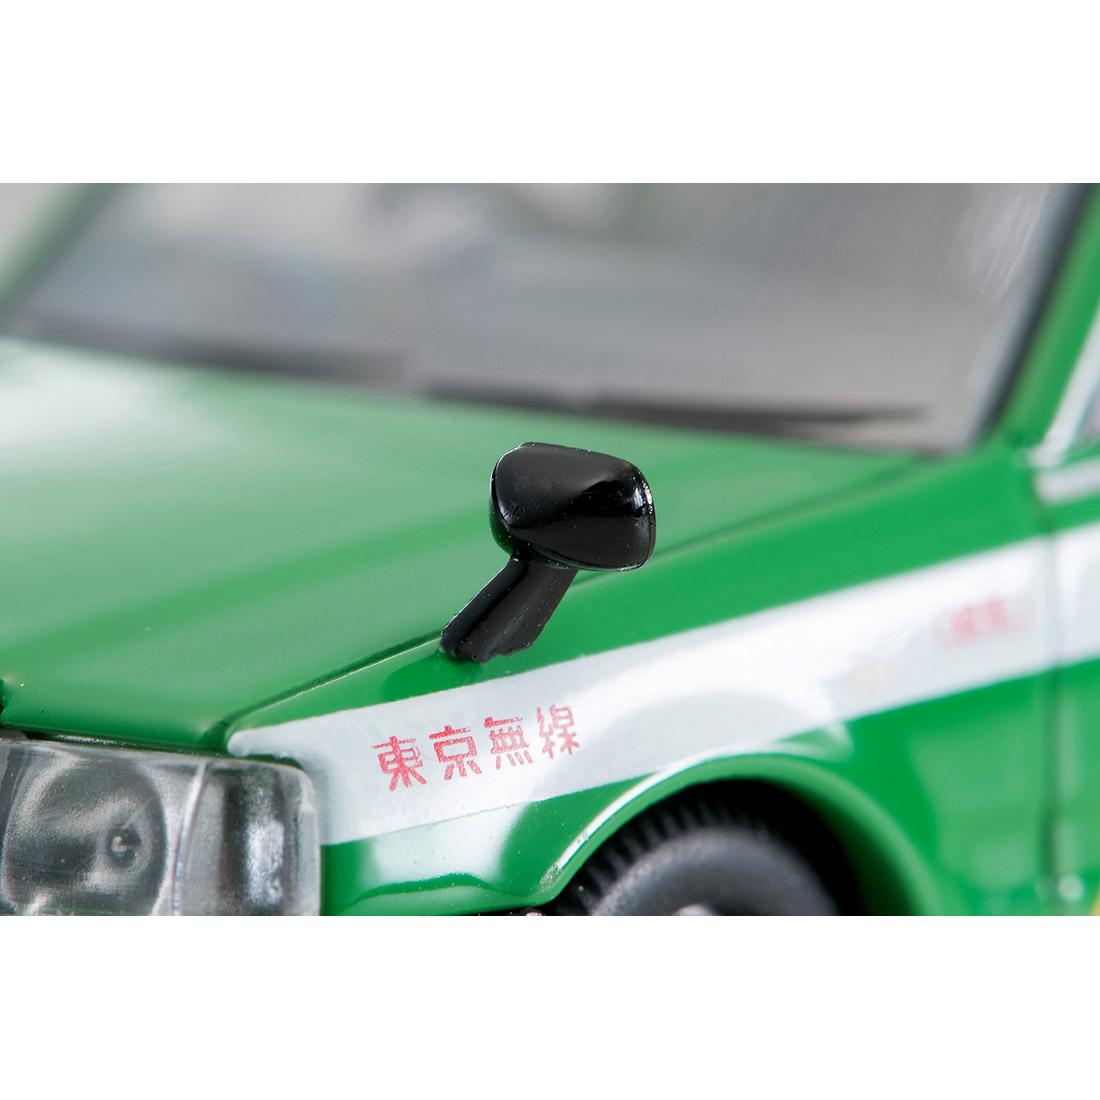 トミカリミテッド ヴィンテージ ネオ TLV-NEO『LV-N218a トヨタ クラウンコンフォート 東京無線タクシー(緑)』1/64 ミニカー-008